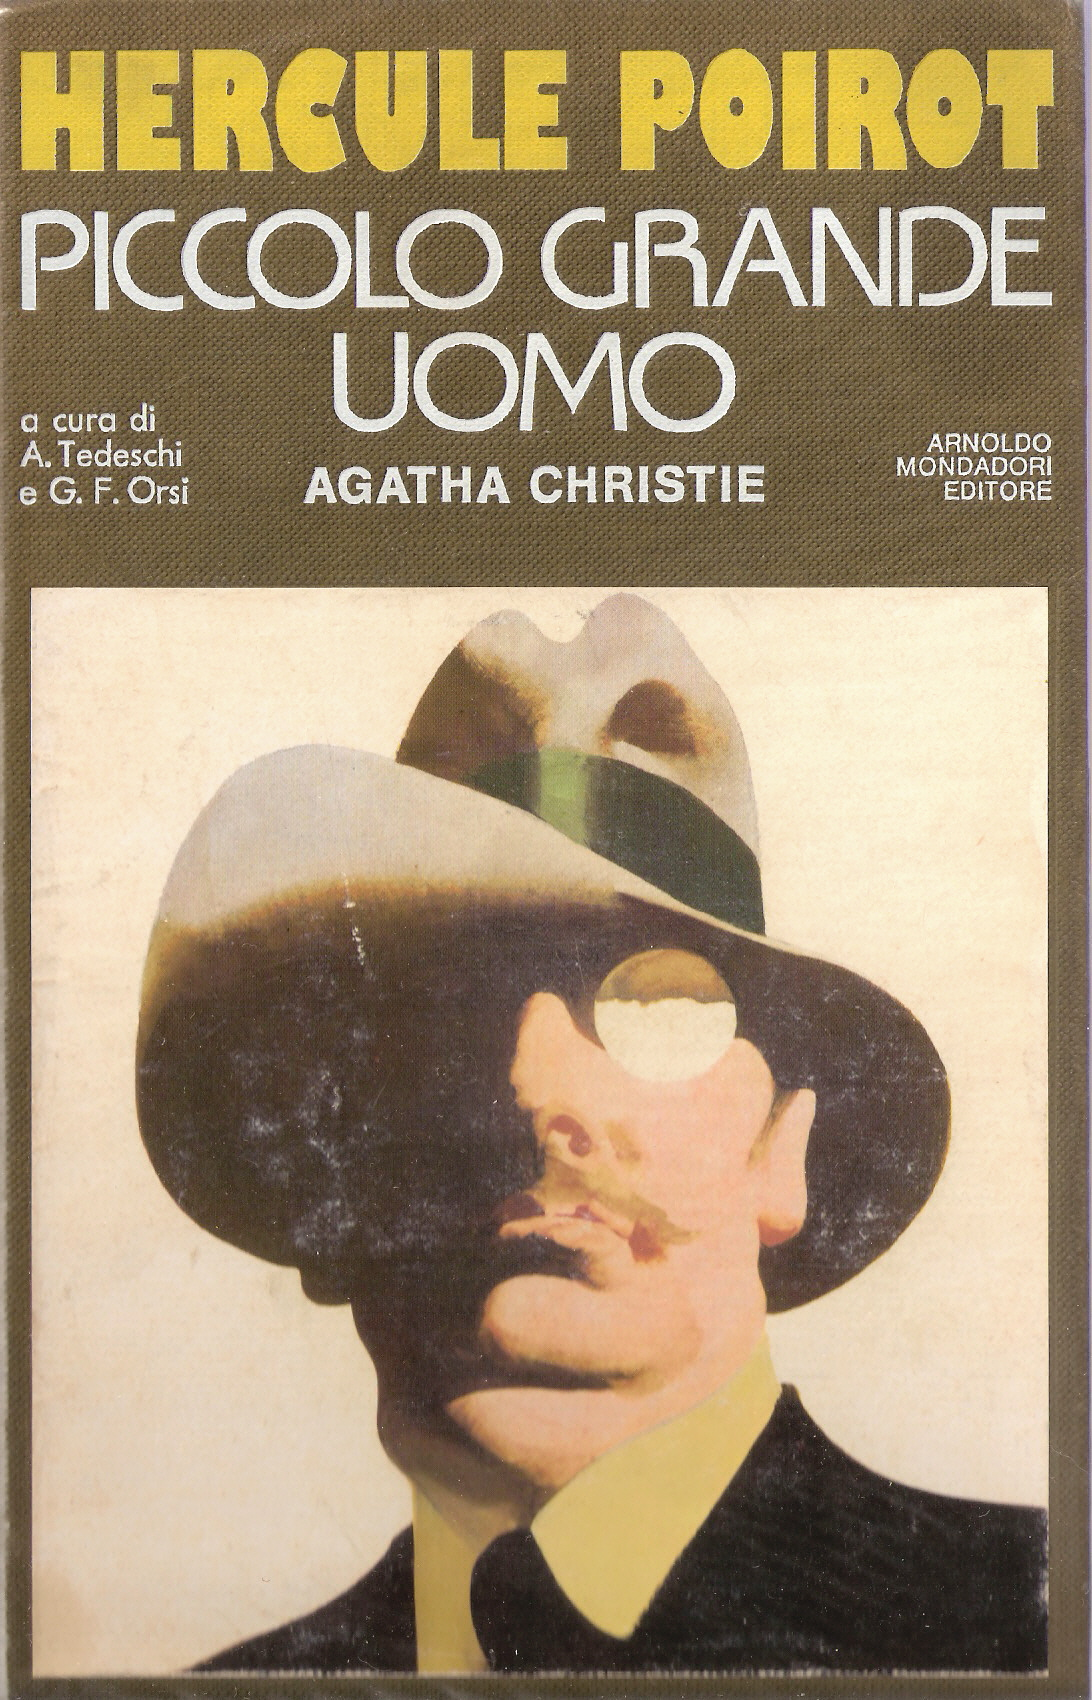 Hercule Poirot, piccolo grande uomo